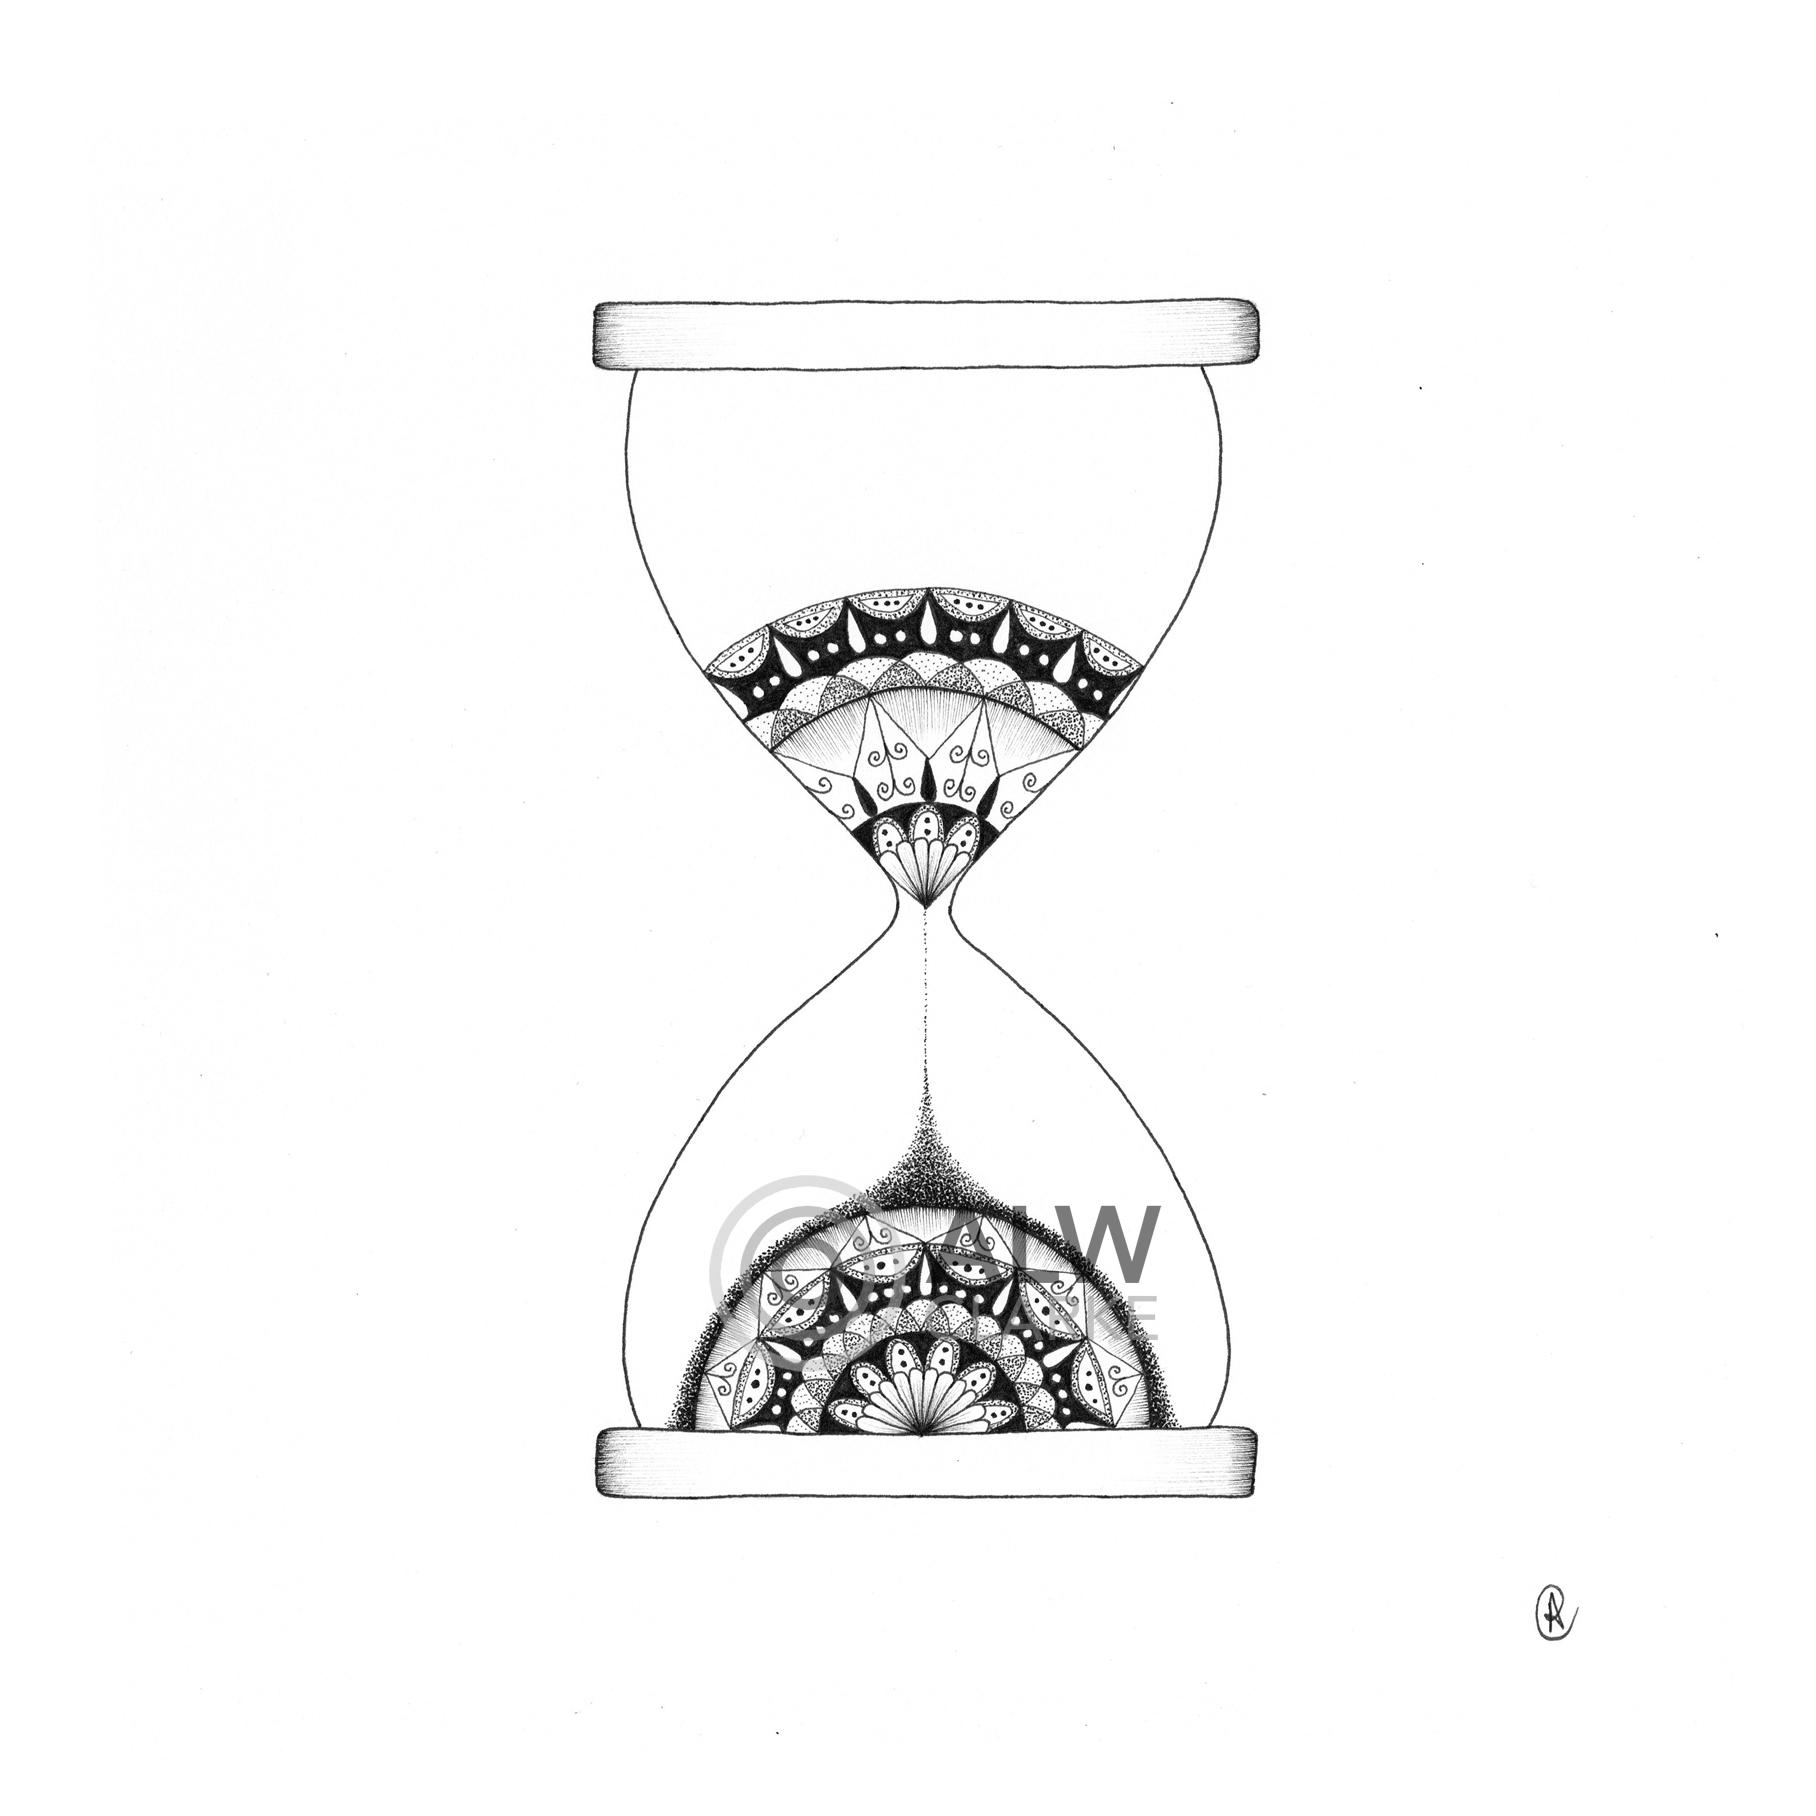 ALW-Clarke-Time-Open-Mind-Artwork.jpg